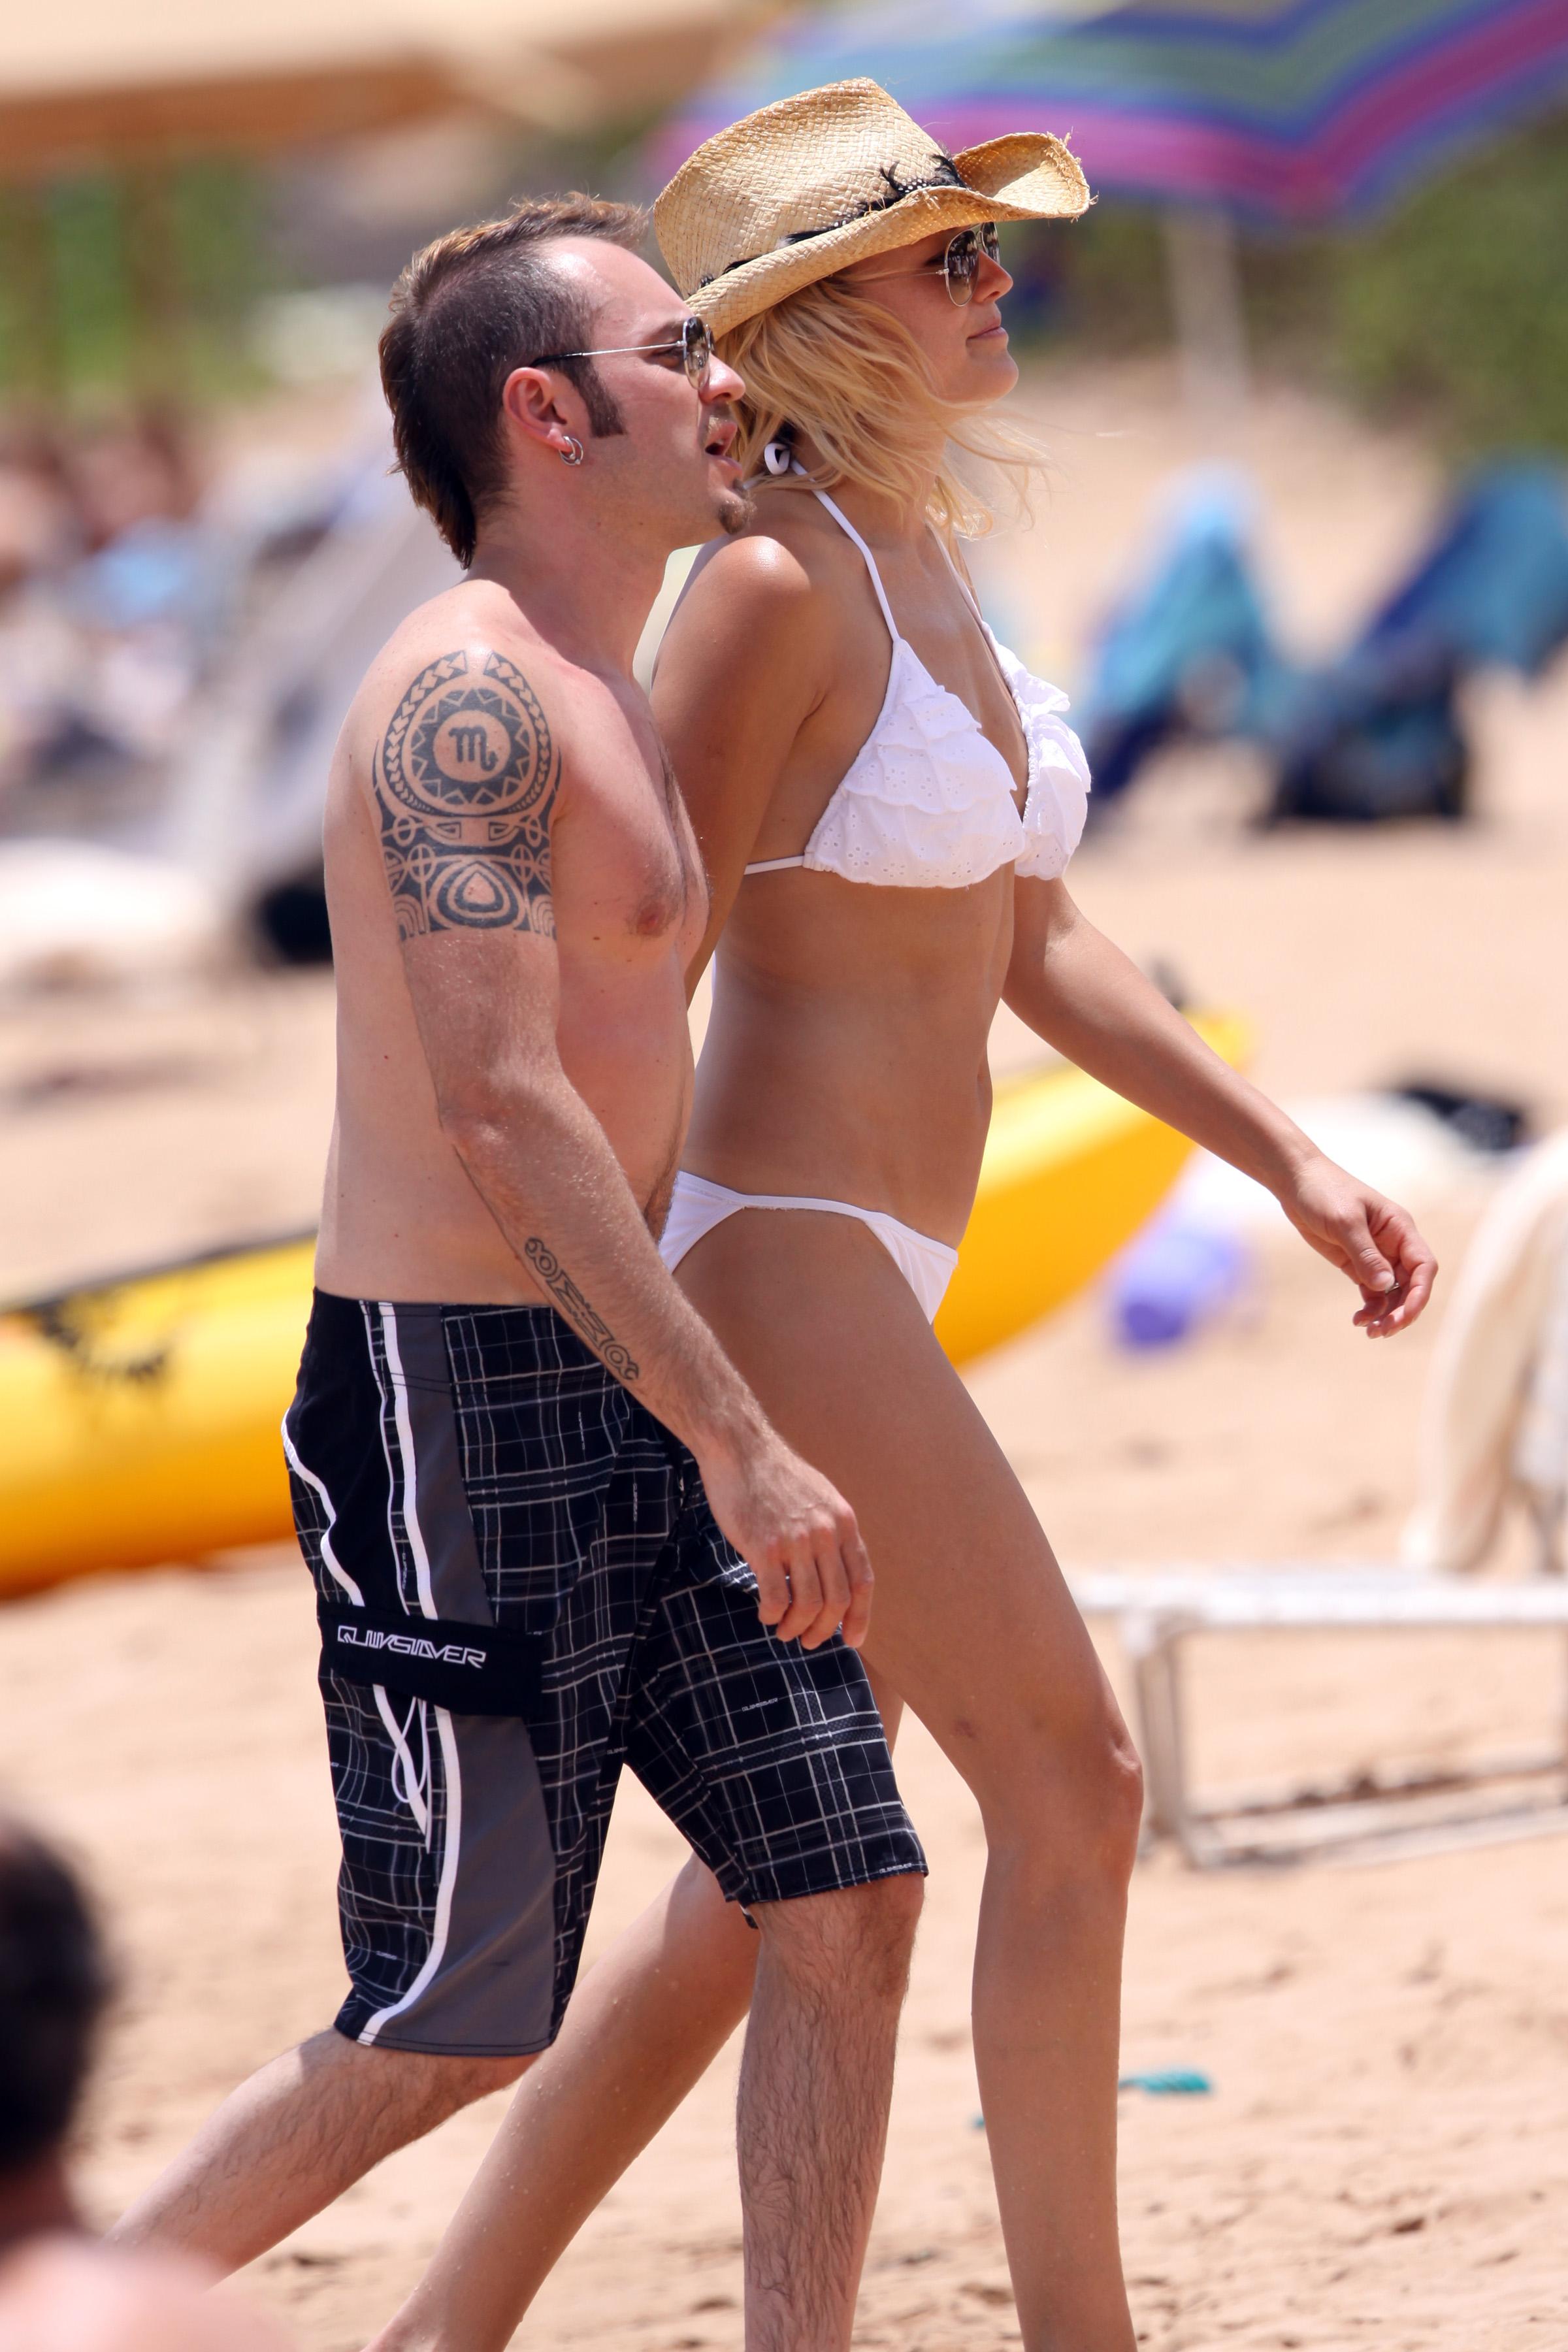 malin-akerman-bikini-on-the-beach-in-hawaii-19 - GotCeleb Malin Akerman